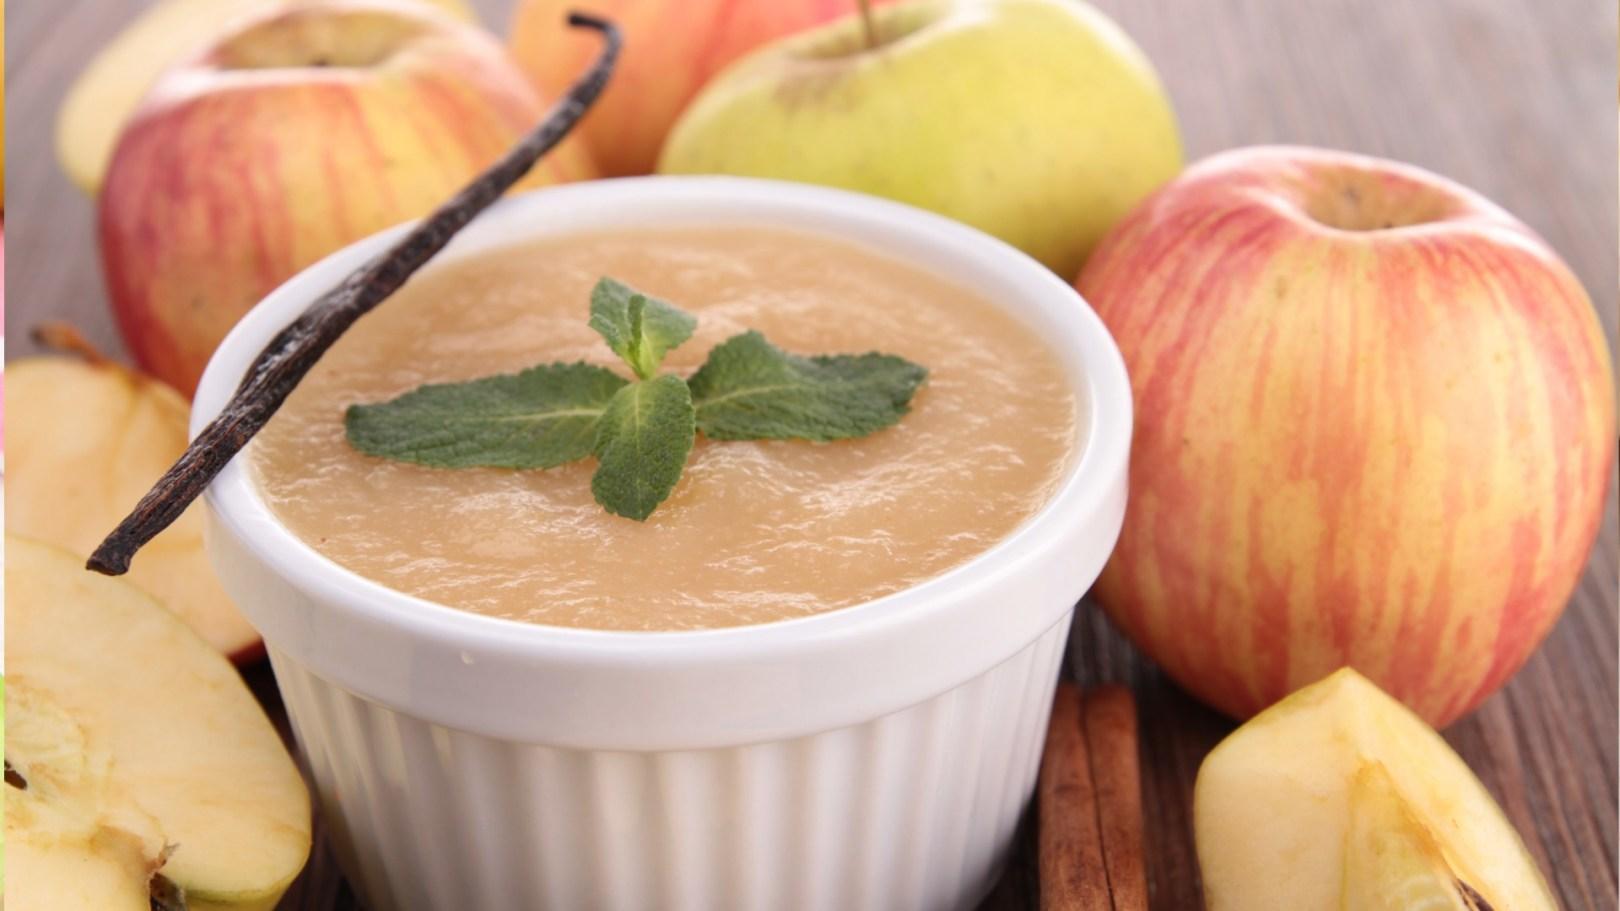 Compote de pomme à la vanille au pied mixeur dès 4-6 mois